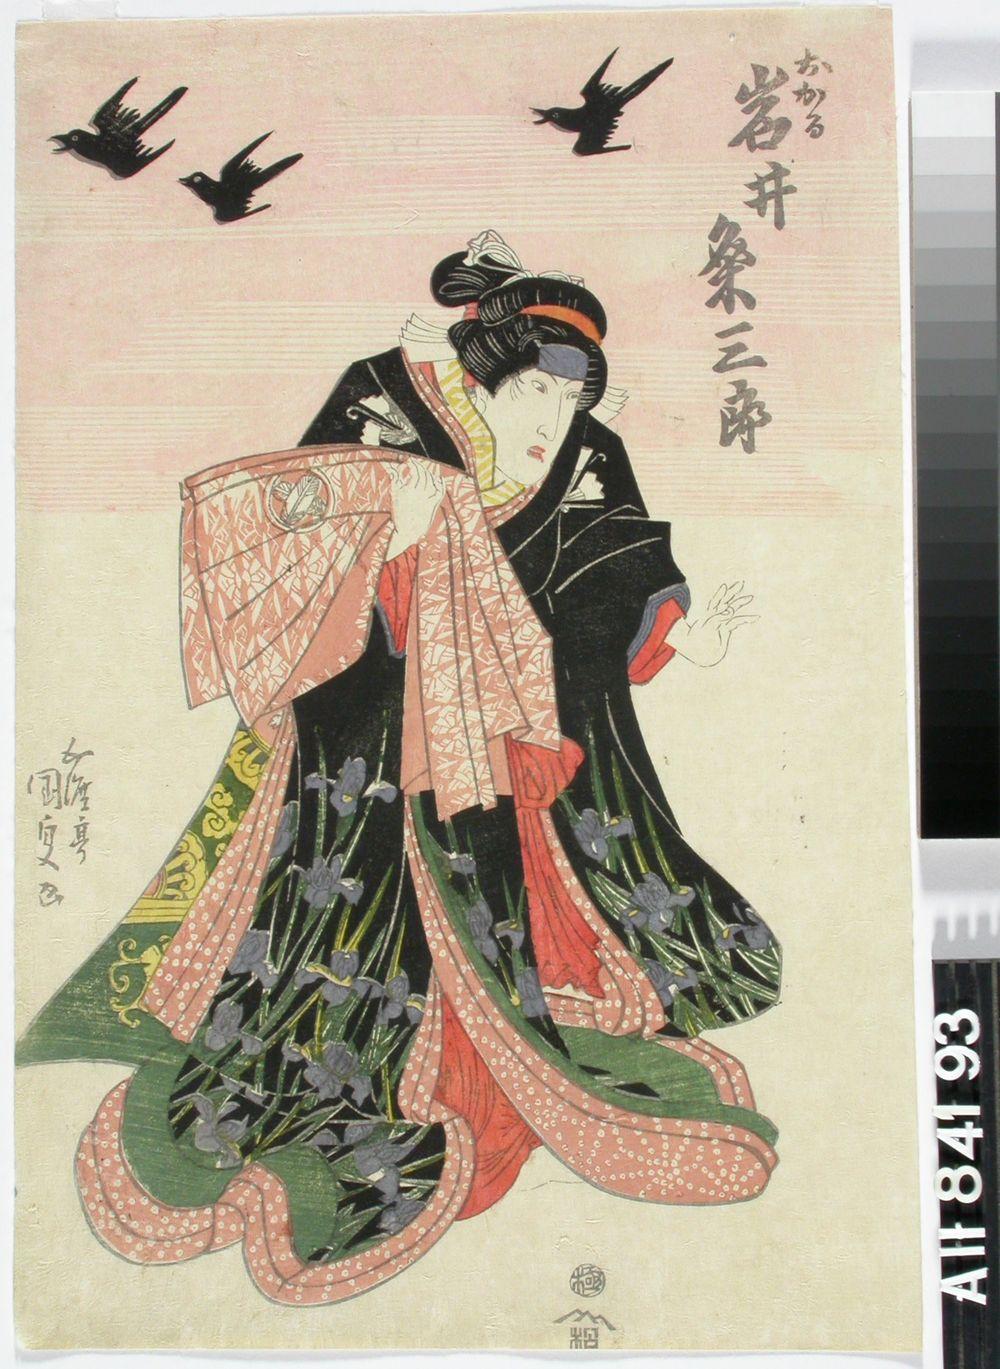 Näyttelijä Iwai Kumesaburo näytelmässä Kanadehon chusingura (Uskolliset vasallit)